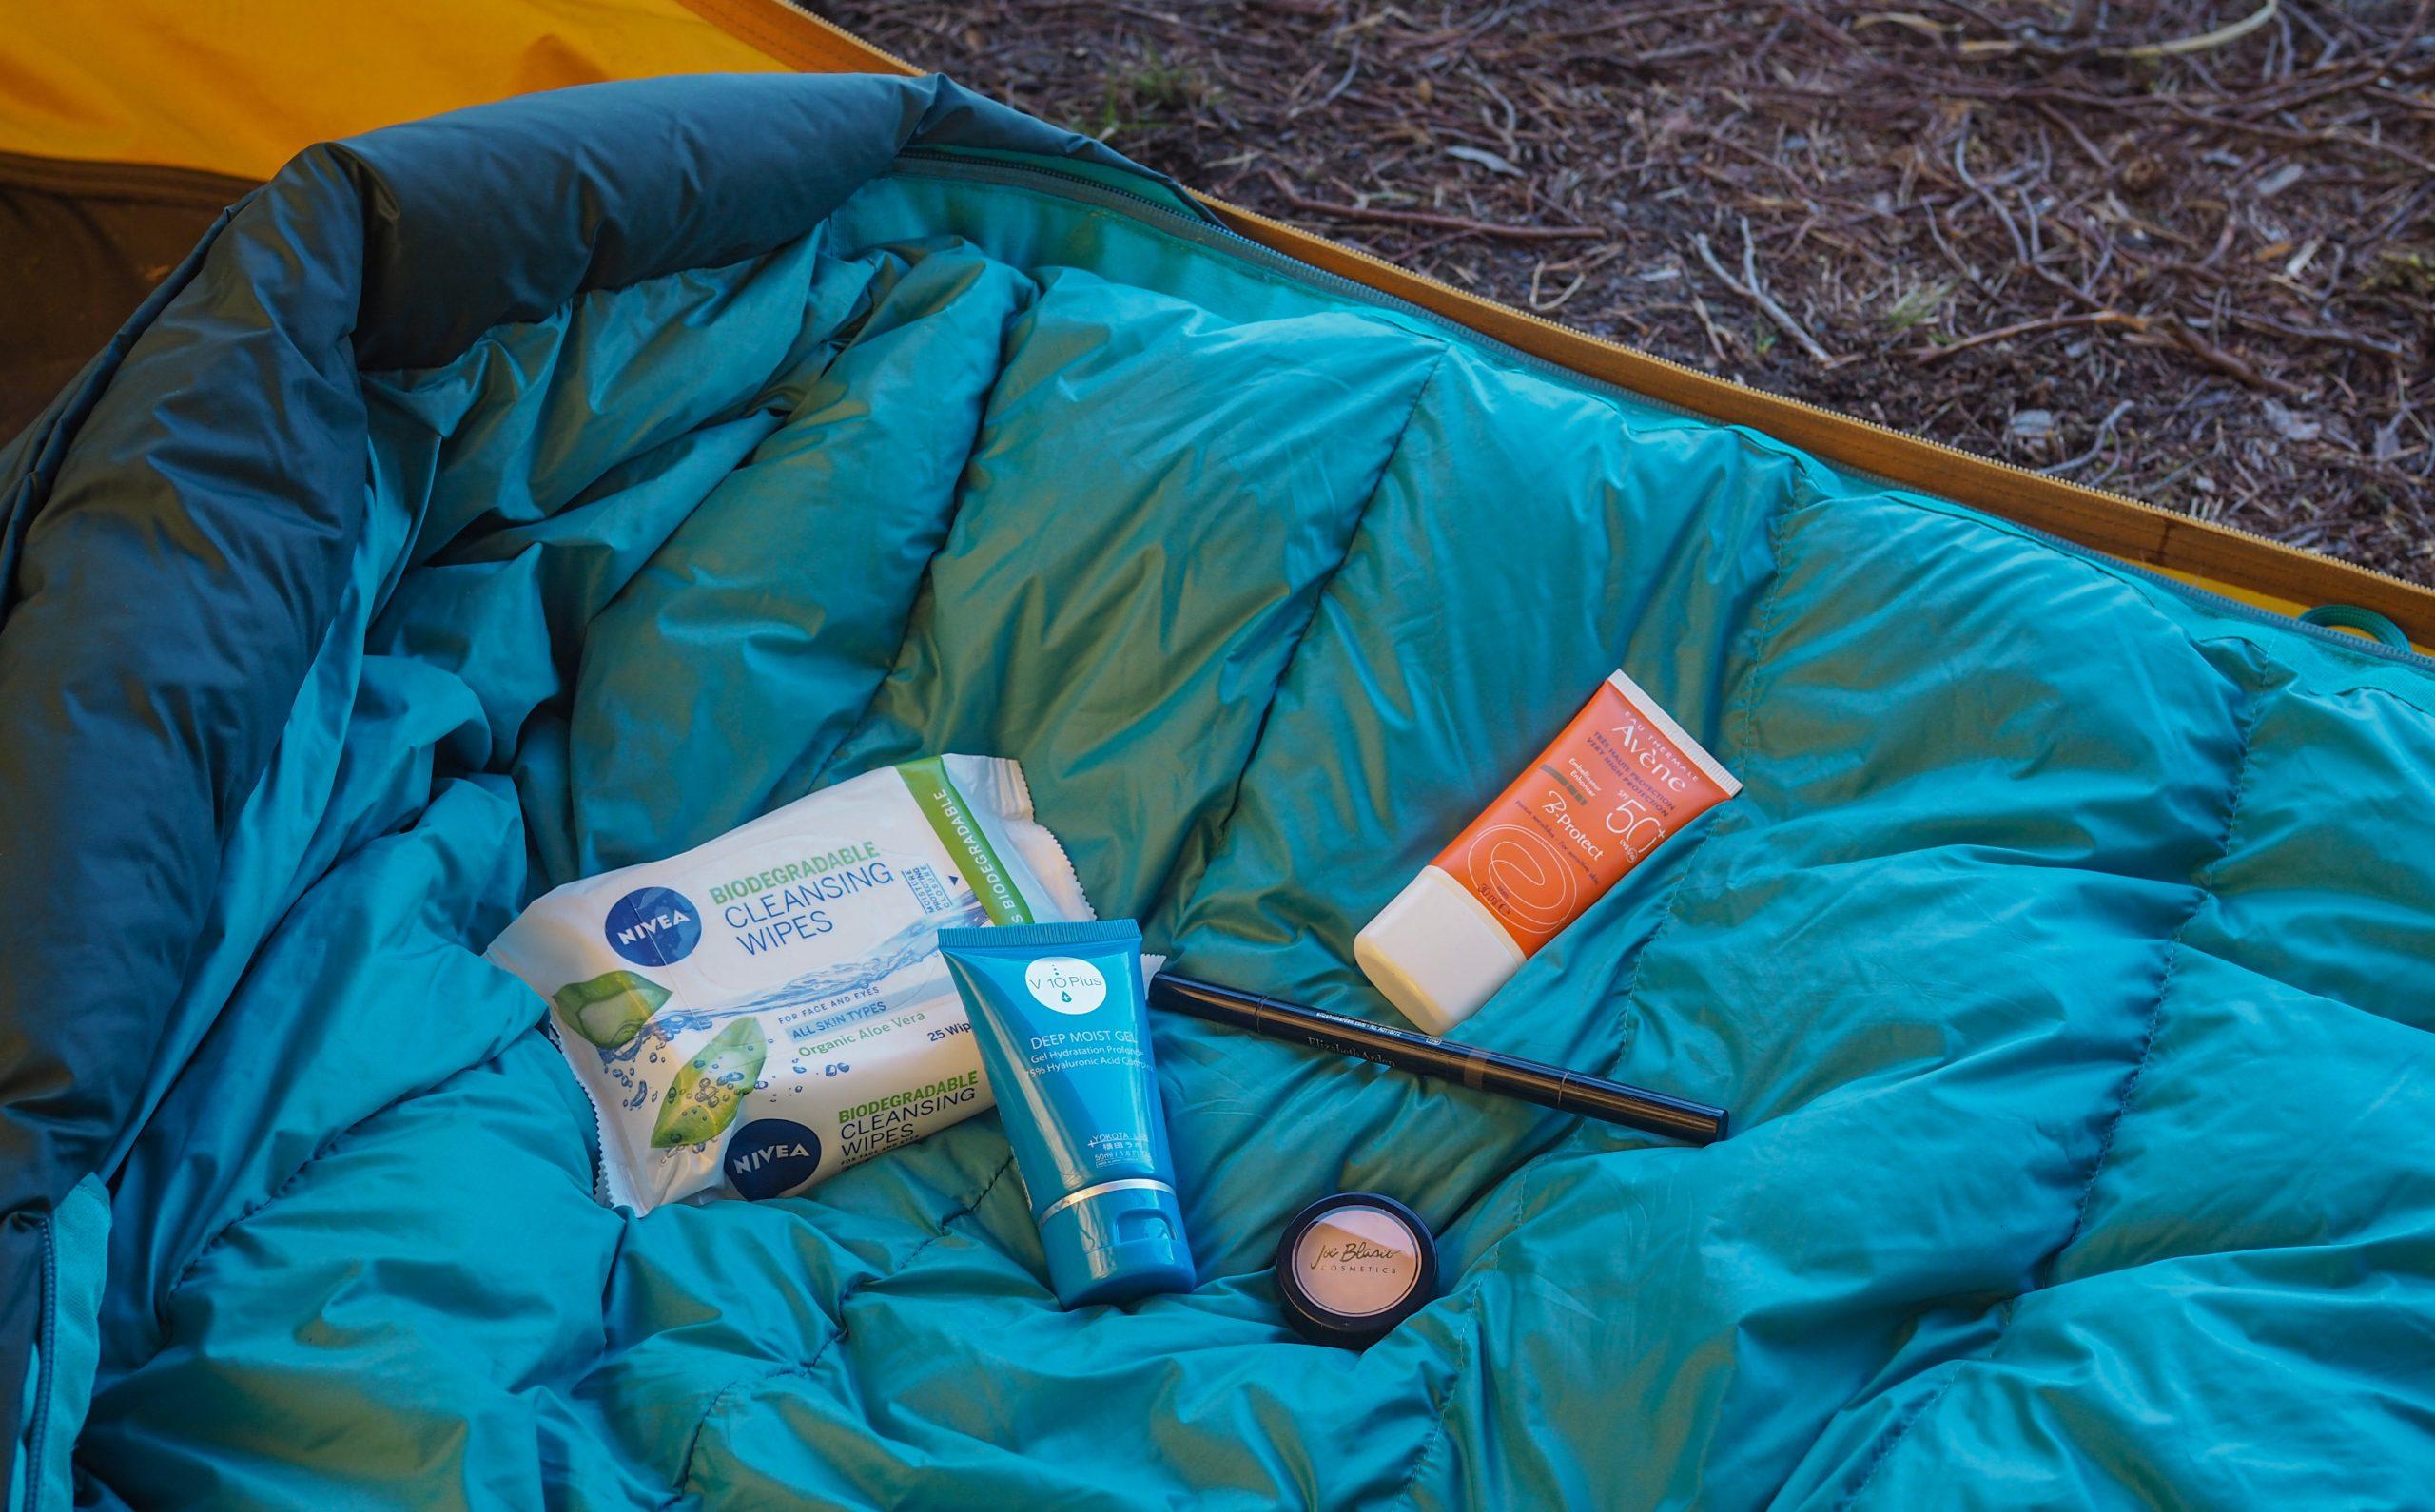 Kosmetiikkatuotteita teltassa makuupussin päällä